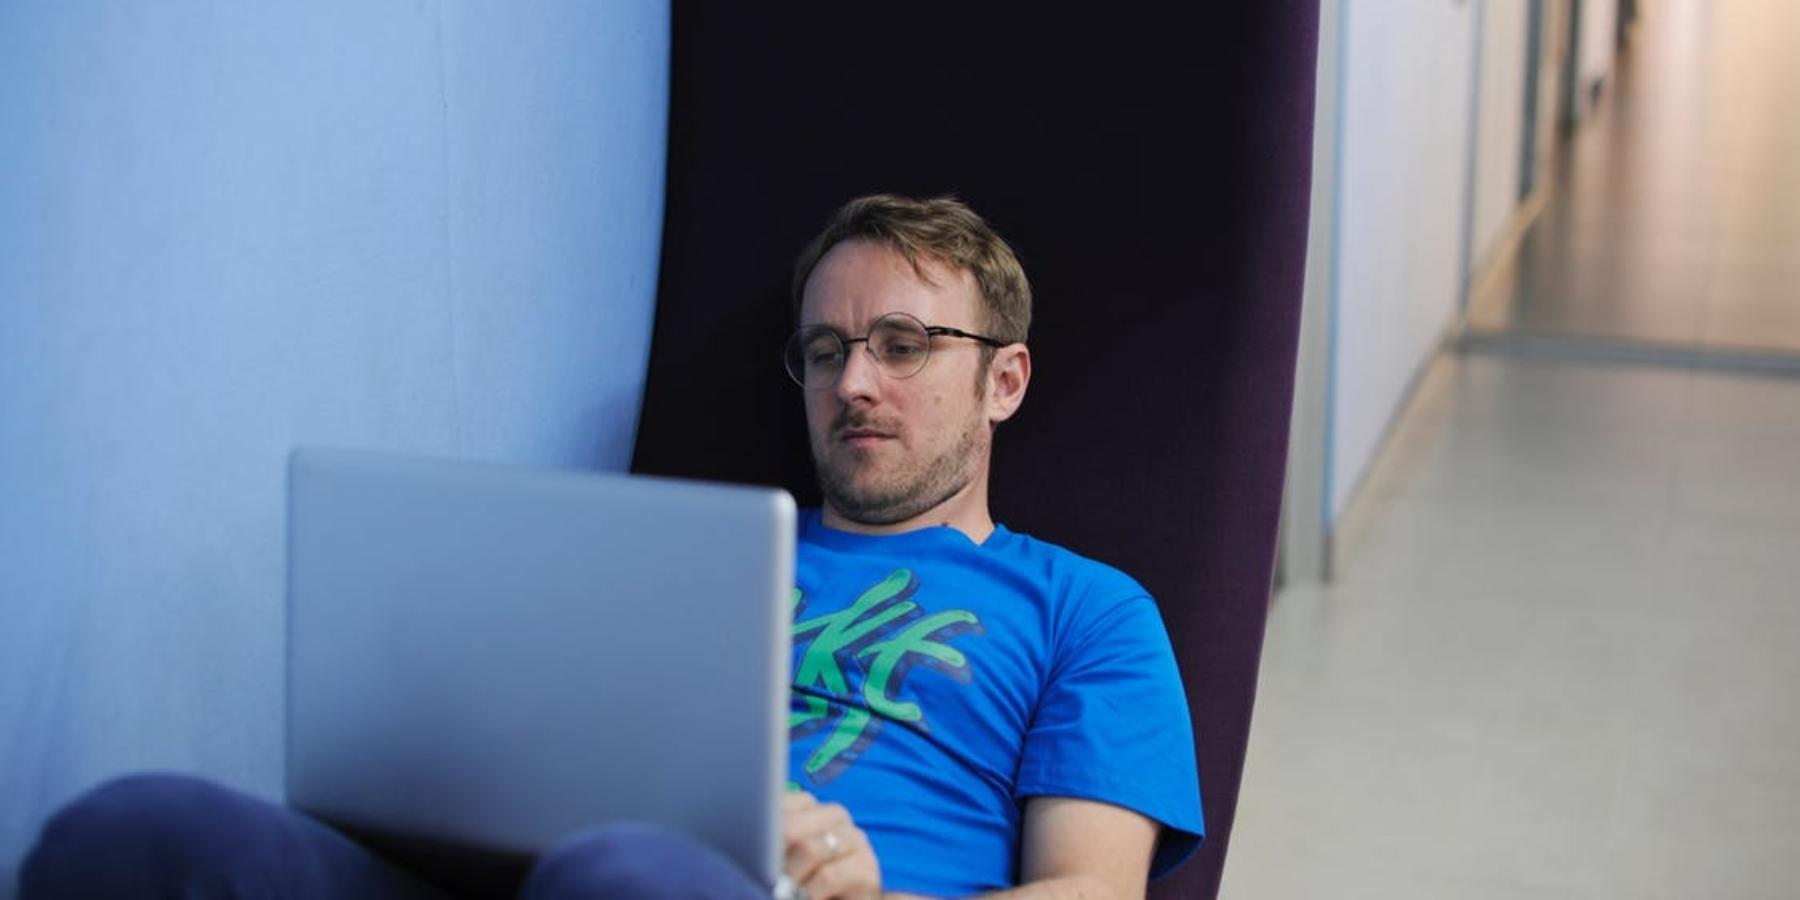 Rzuć pracę izacznij zarabiać przezInternet, czyli cyfrowi nomadzi